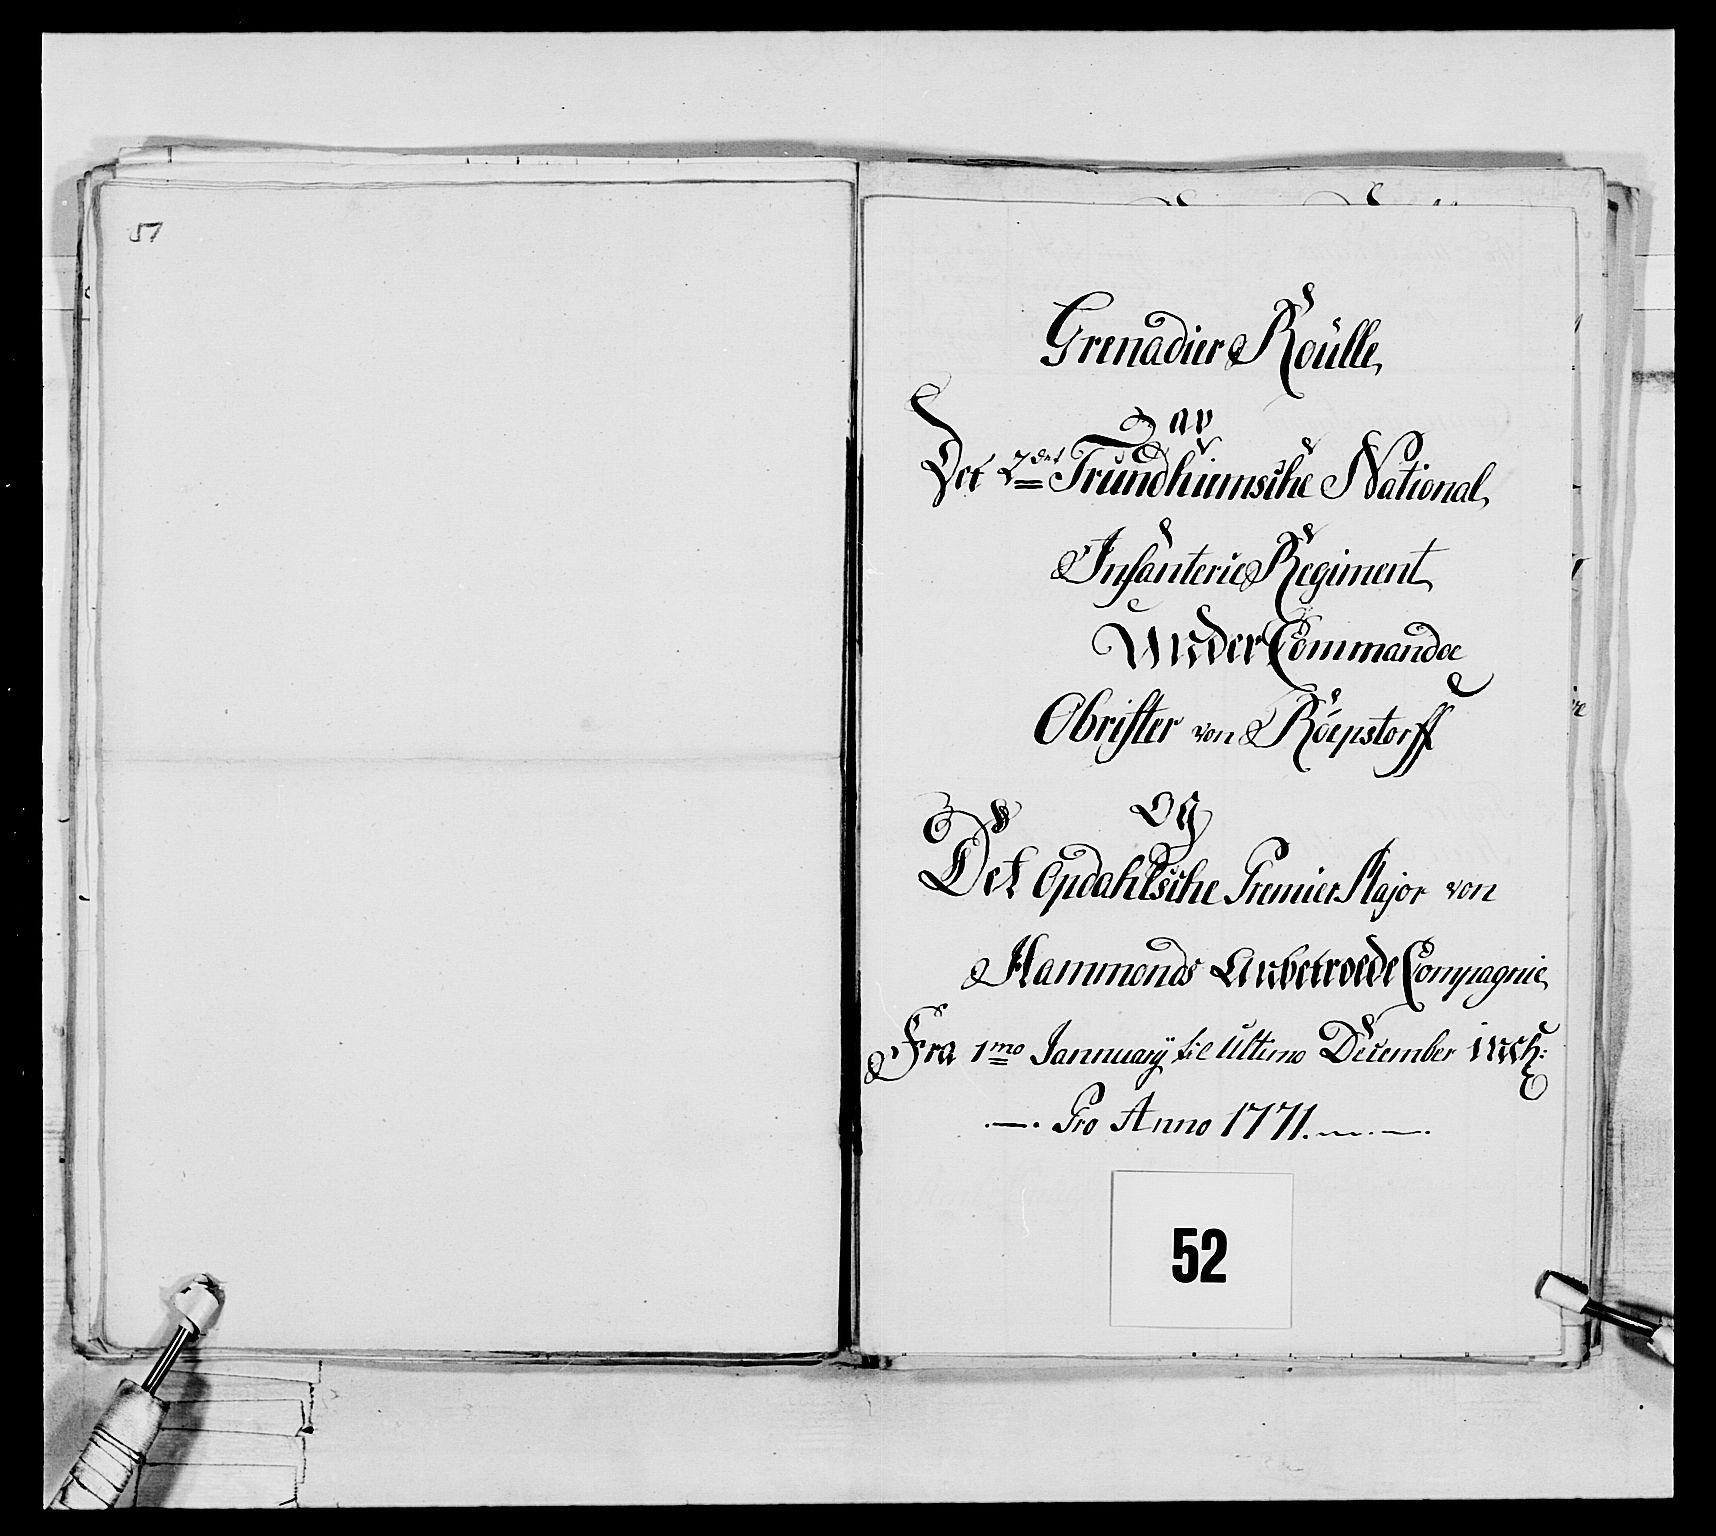 RA, Generalitets- og kommissariatskollegiet, Det kongelige norske kommissariatskollegium, E/Eh/L0076: 2. Trondheimske nasjonale infanteriregiment, 1766-1773, s. 174